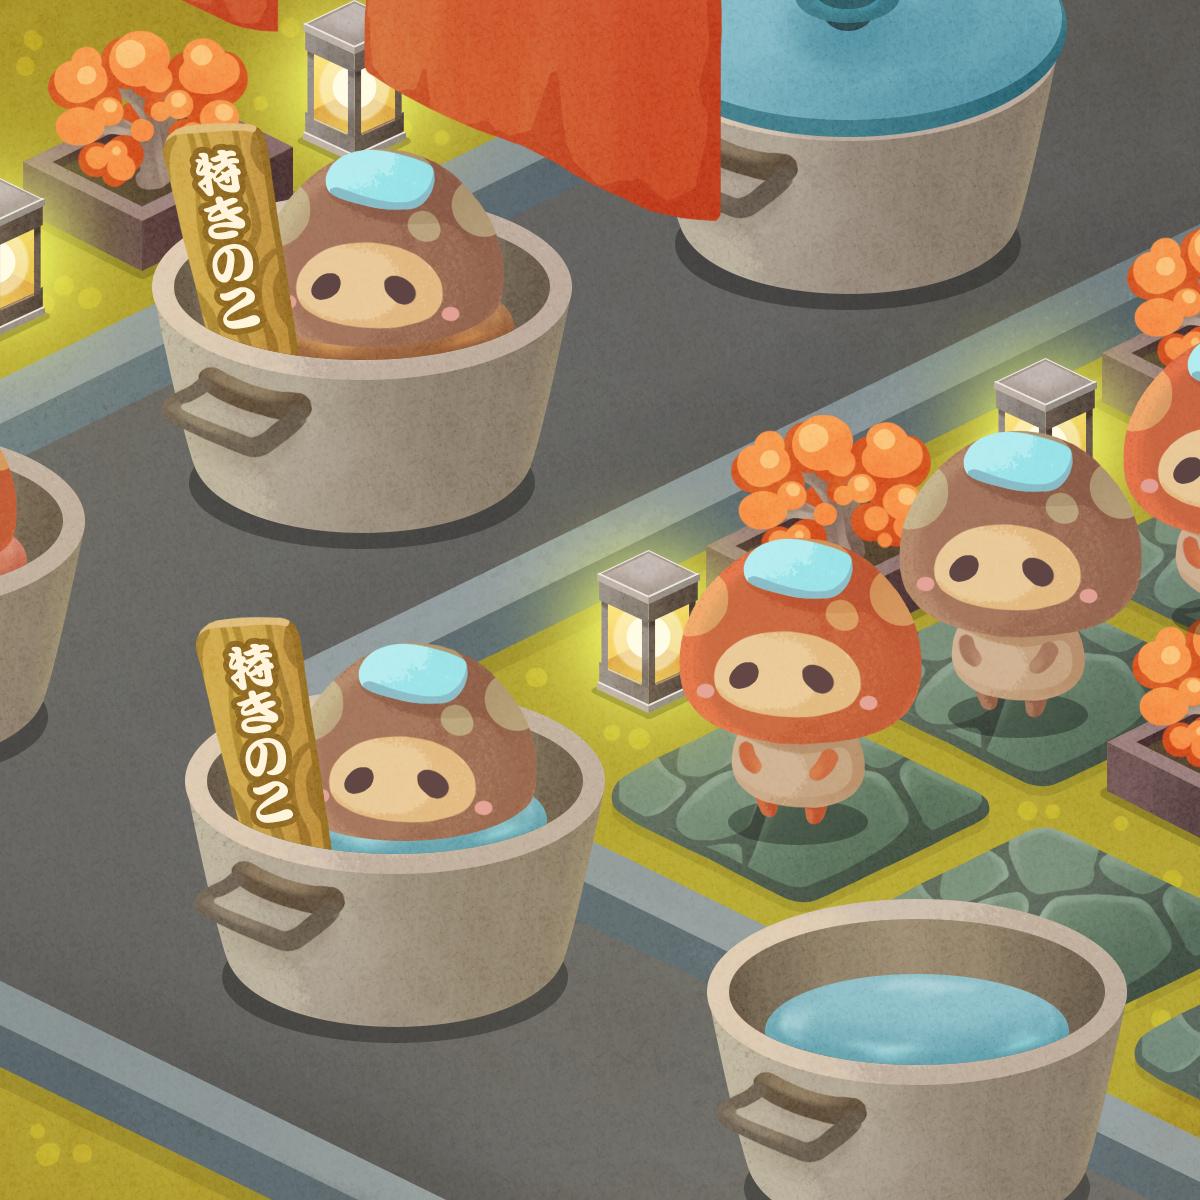 【温泉キノコ】個室風呂だ!飛び込めー!!